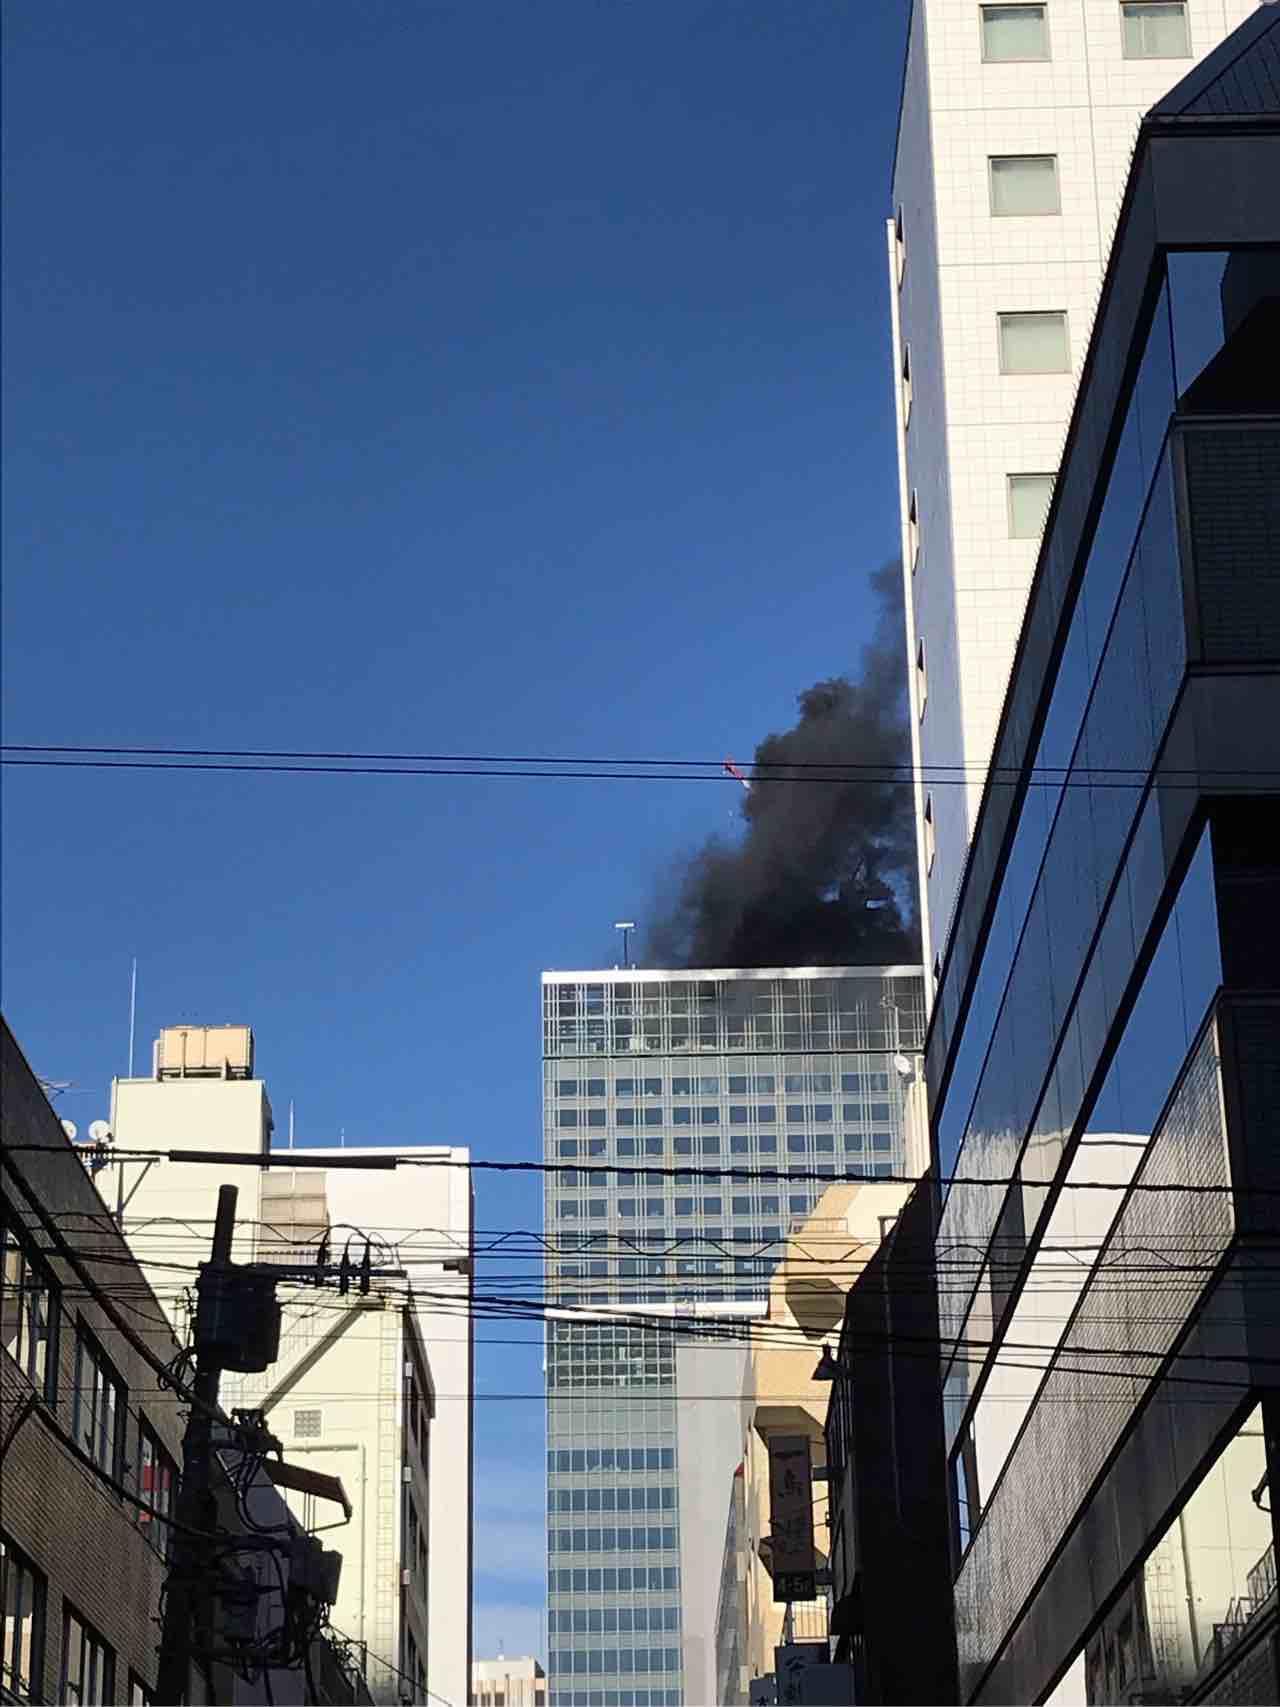 画像,新橋での取材終わり、ビルの上階で火事。結構大事では。 https://t.co/5q6cCgh2WU。